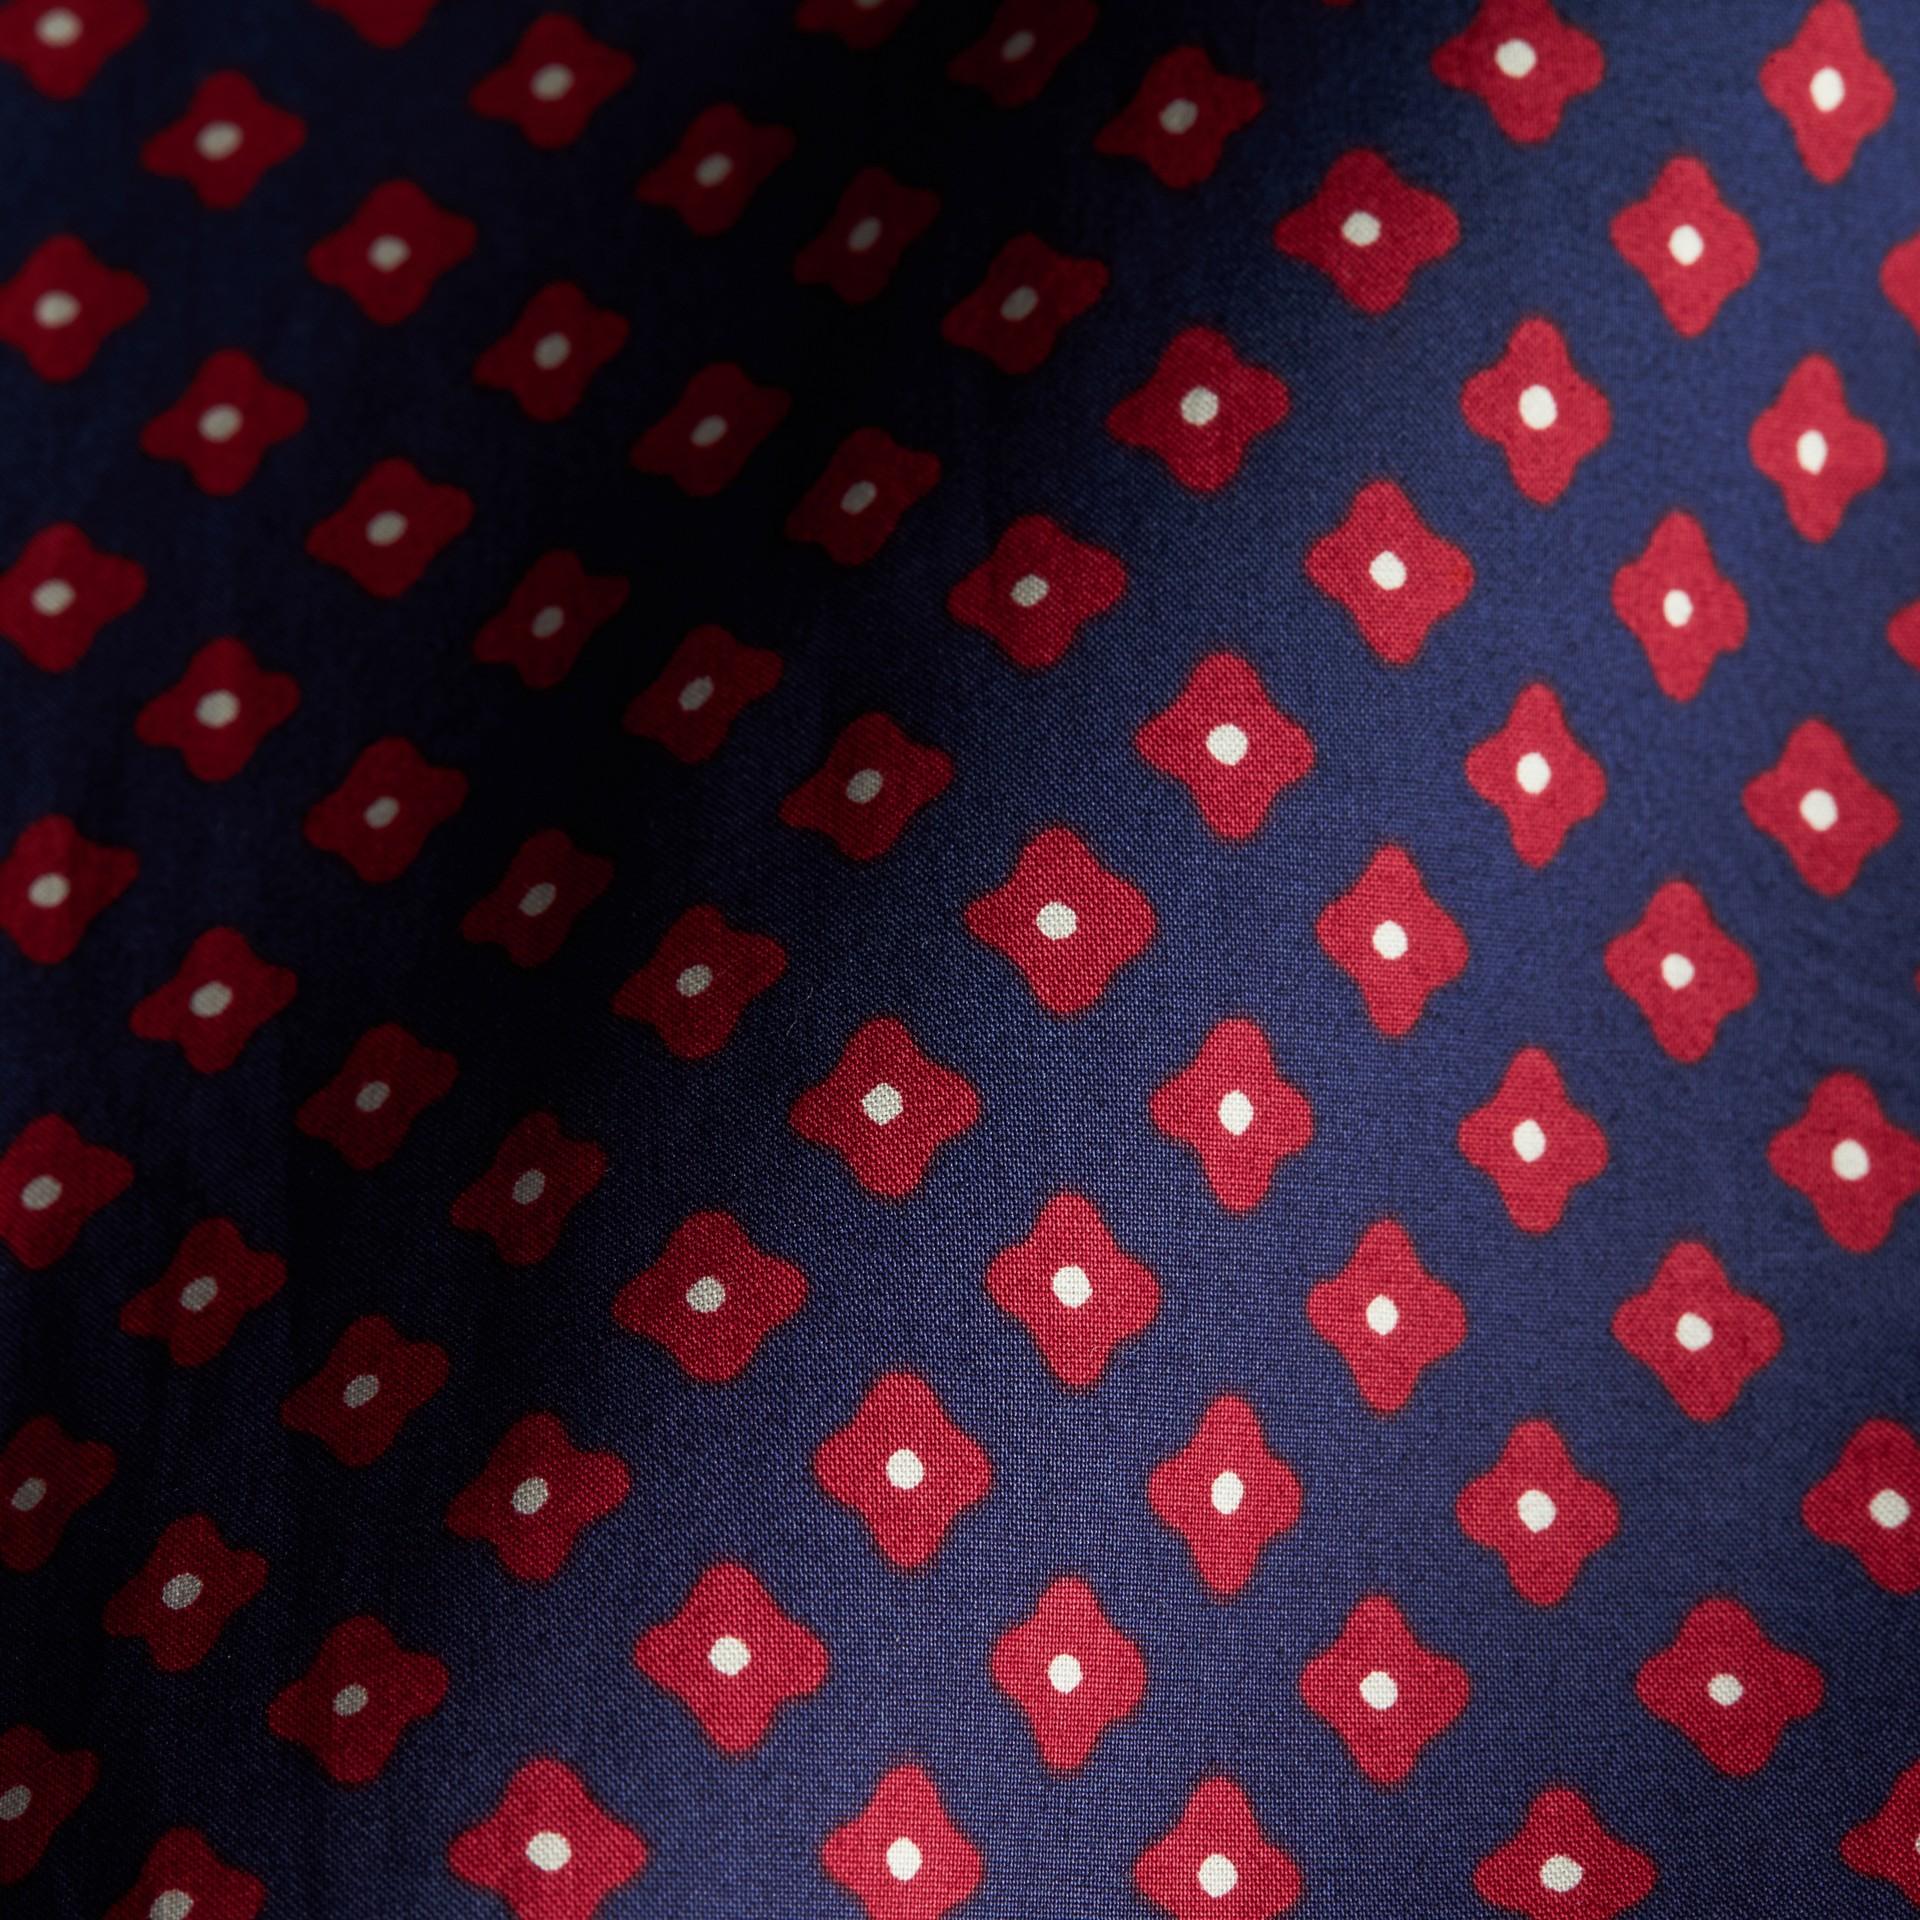 Marine lumineux Chemise en coton à imprimé façon cravate - photo de la galerie 2